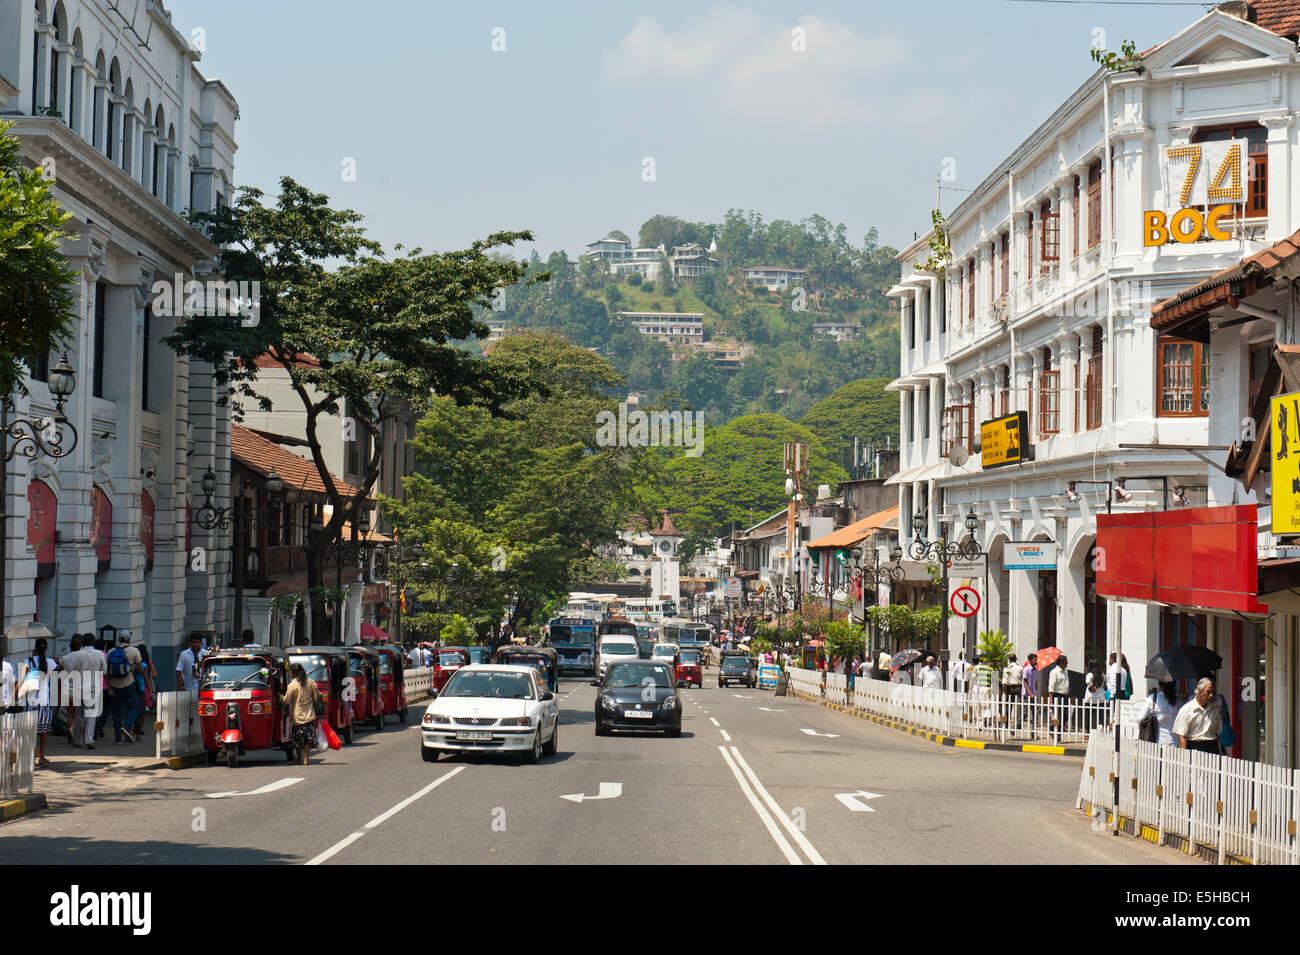 L'architecture coloniale sur la route principale, Kandy, Sri Lanka Photo Stock